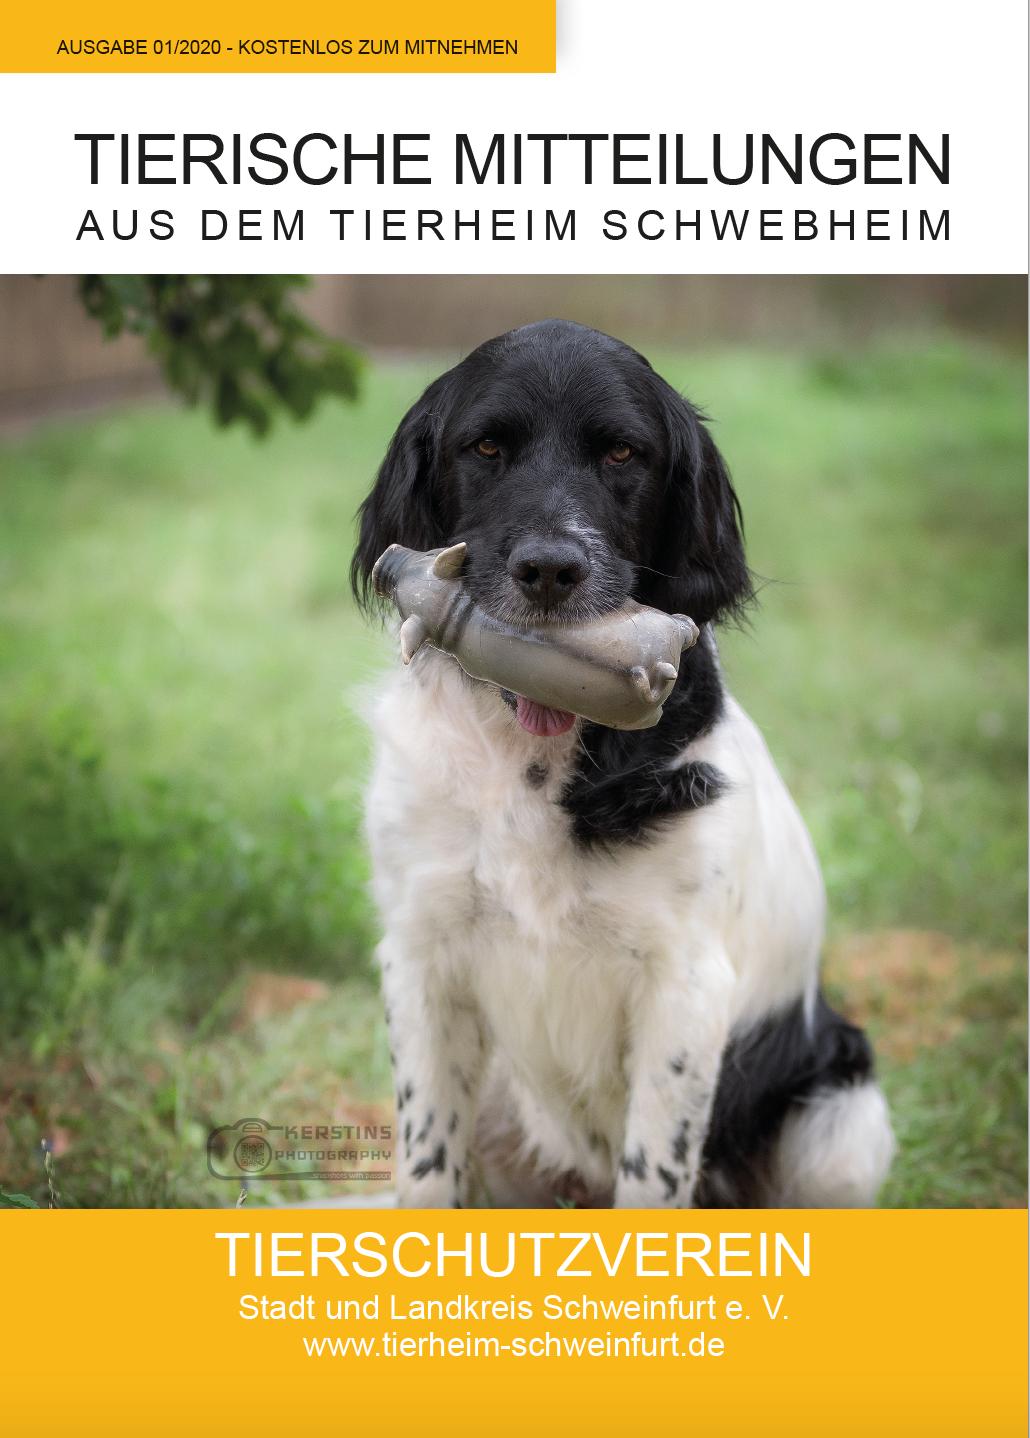 Tierheimzeitung Tierheim Schwebheim